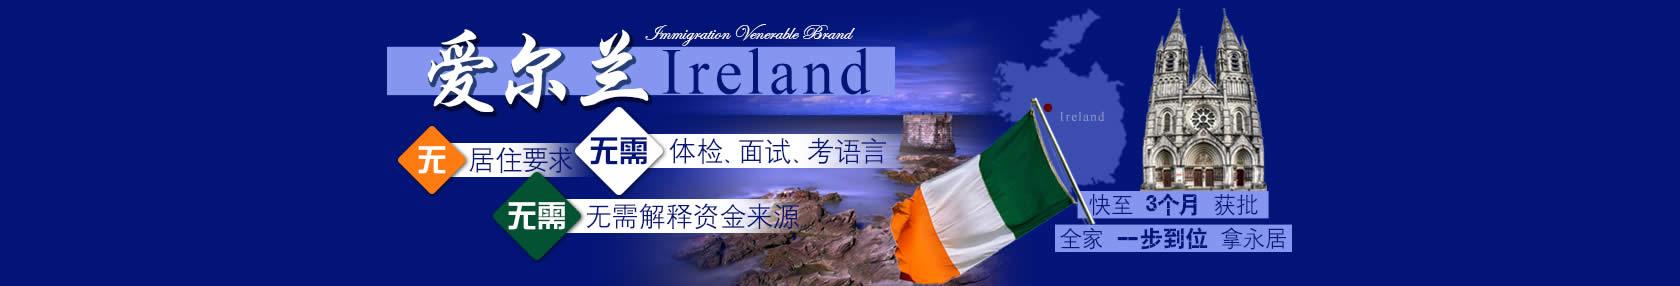 爱尔兰投资移民条件:无移民监、语言、资金来源要求、一步到位拿永居